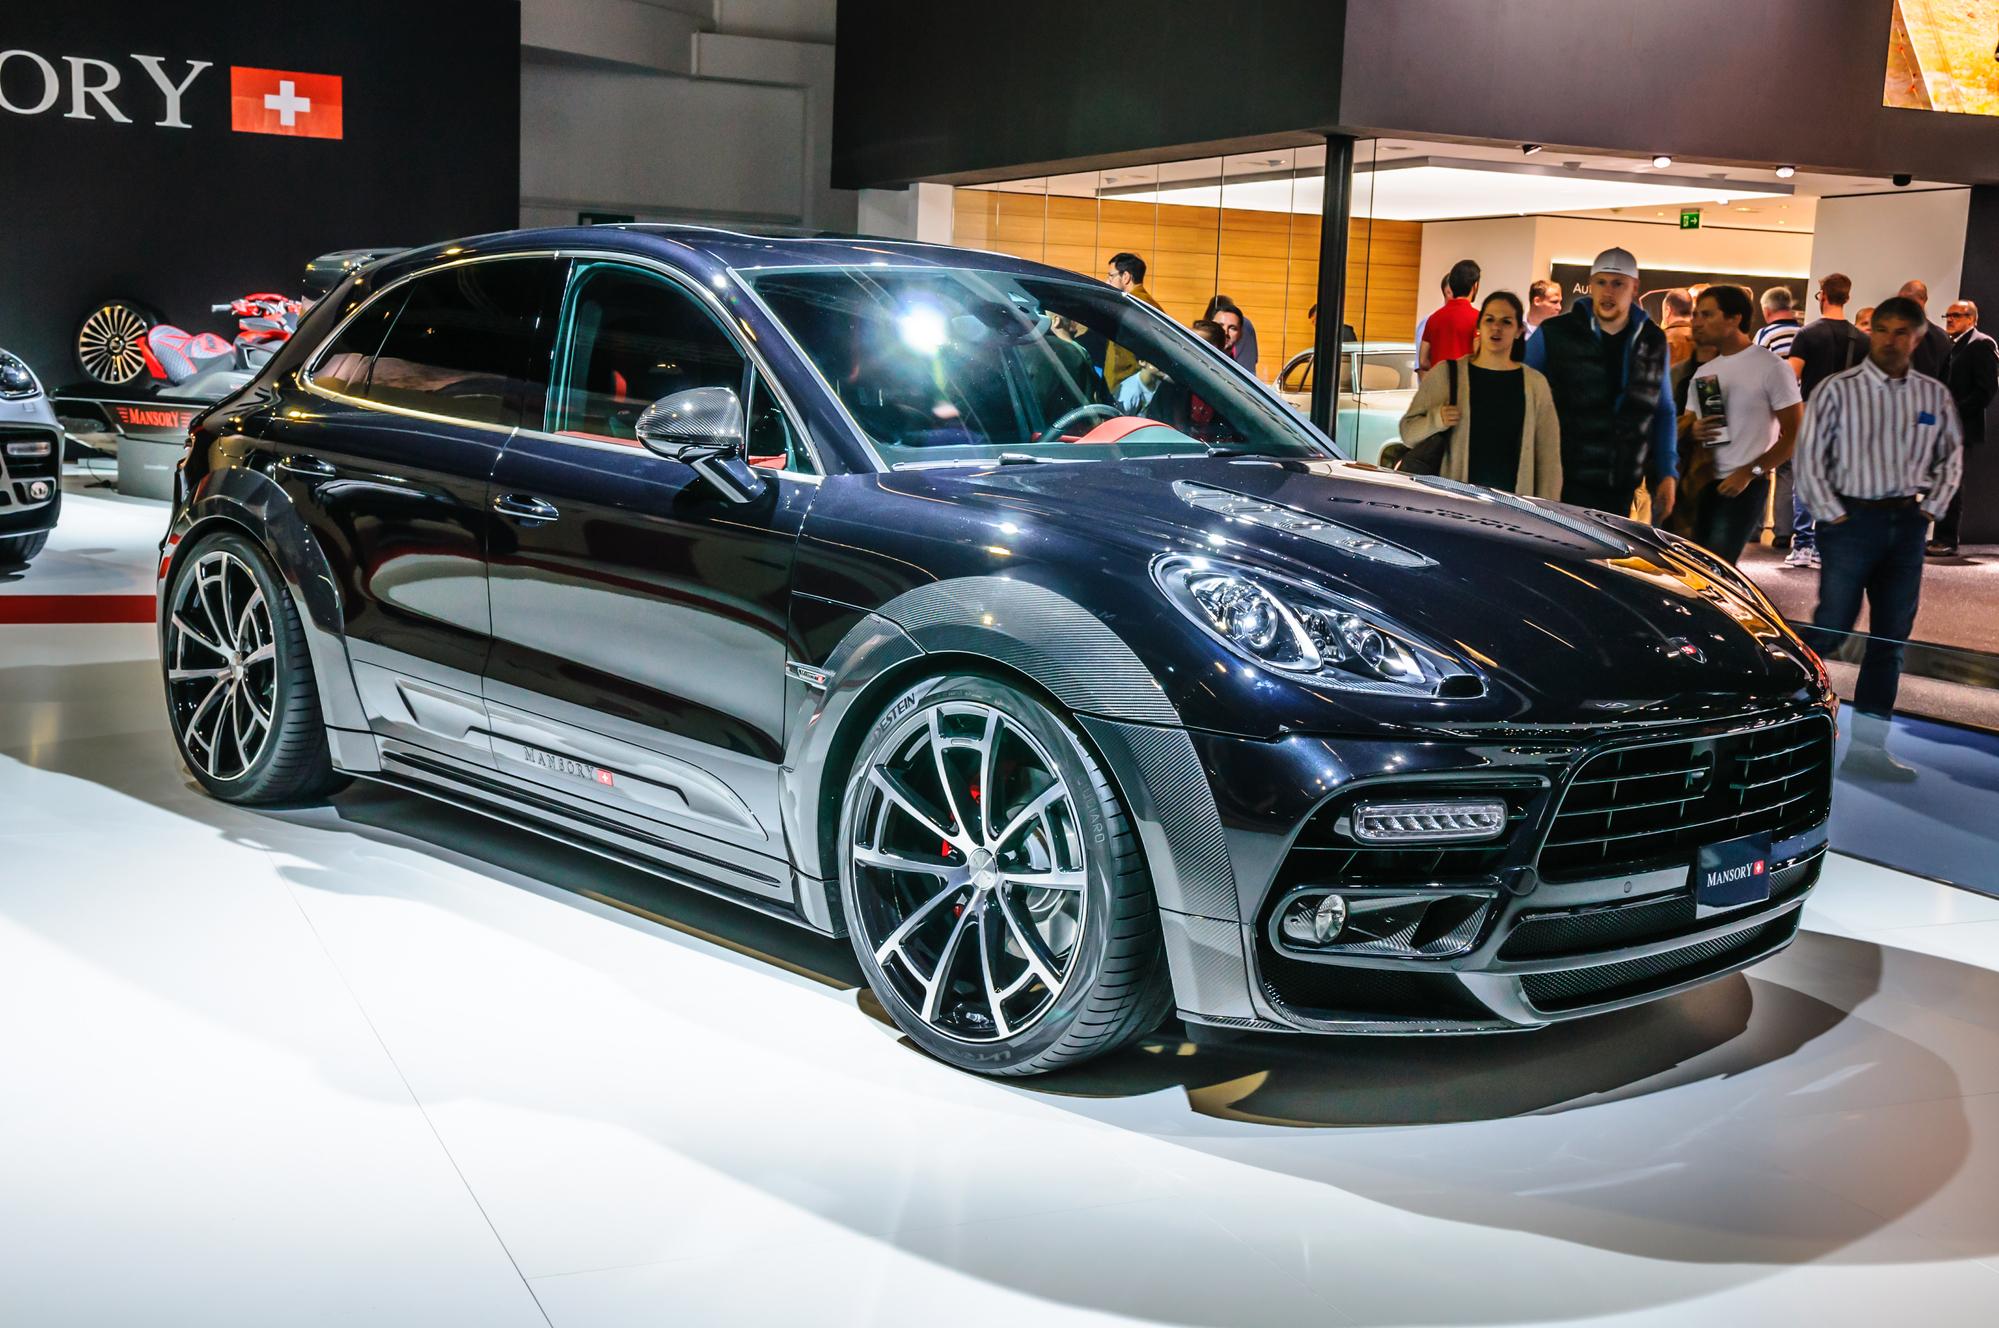 Ein Neues Design Der Porsche Macan Automagazin Com